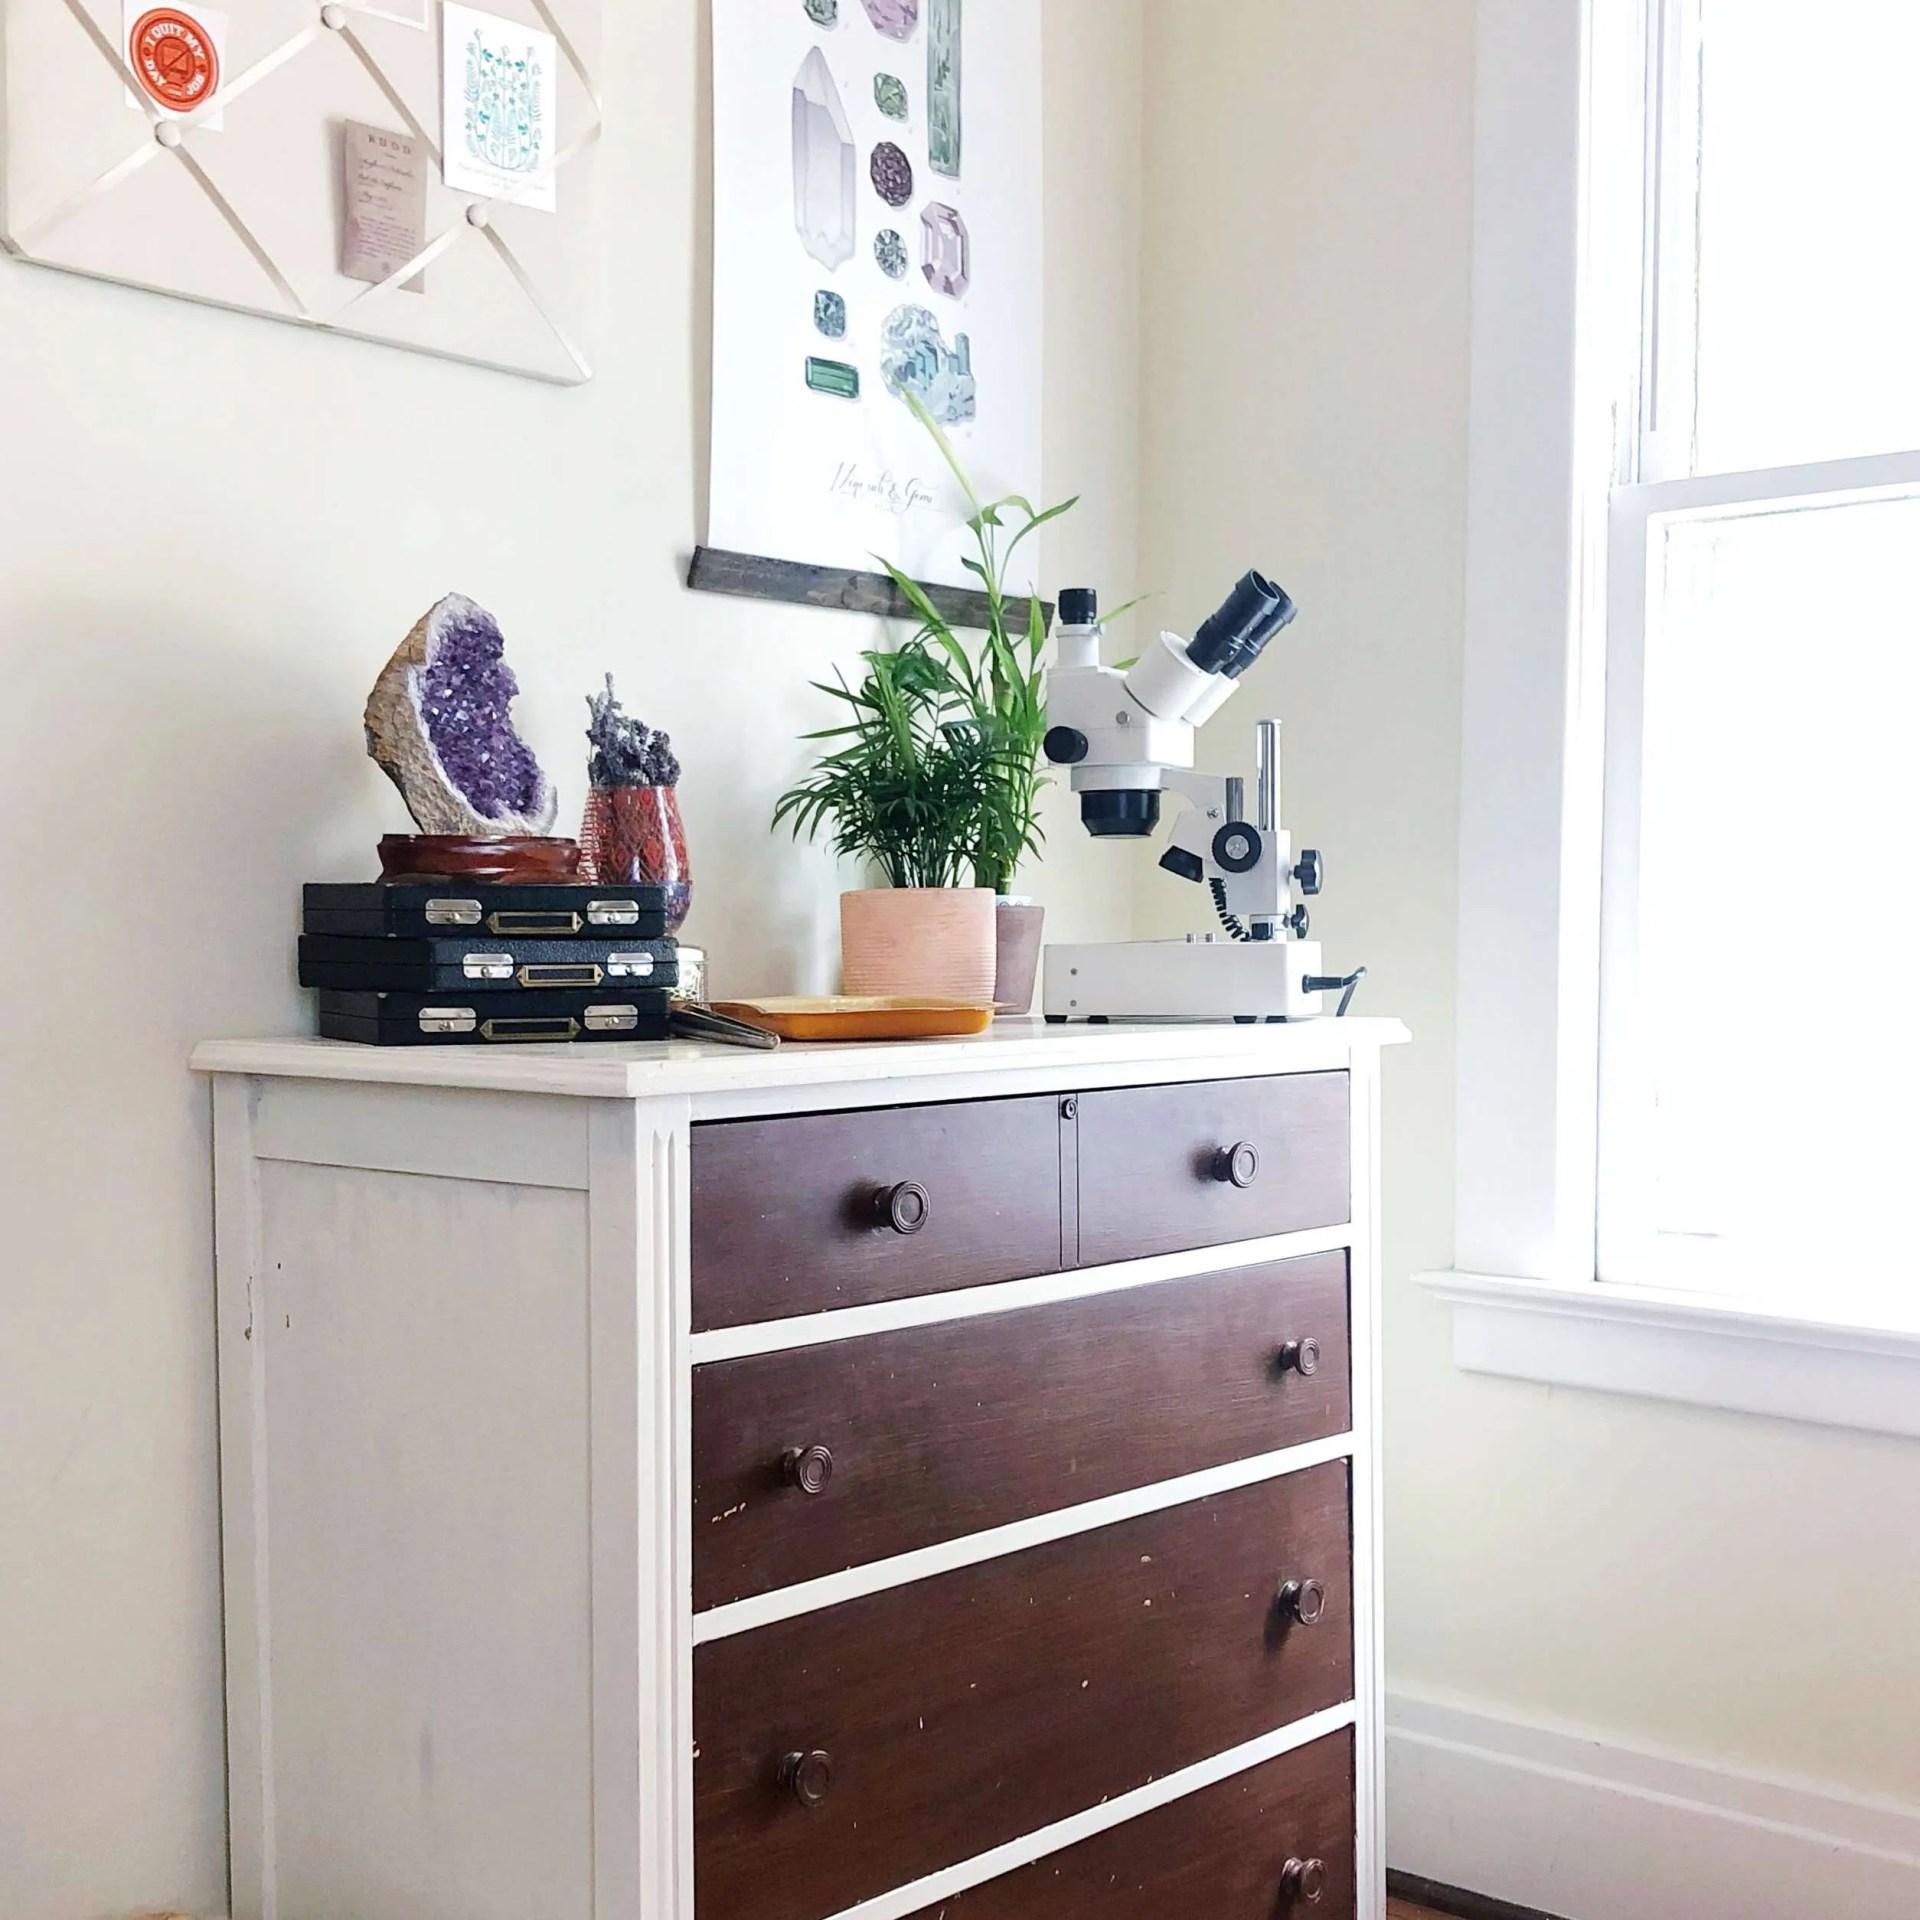 DIY dresser makeover - before and after